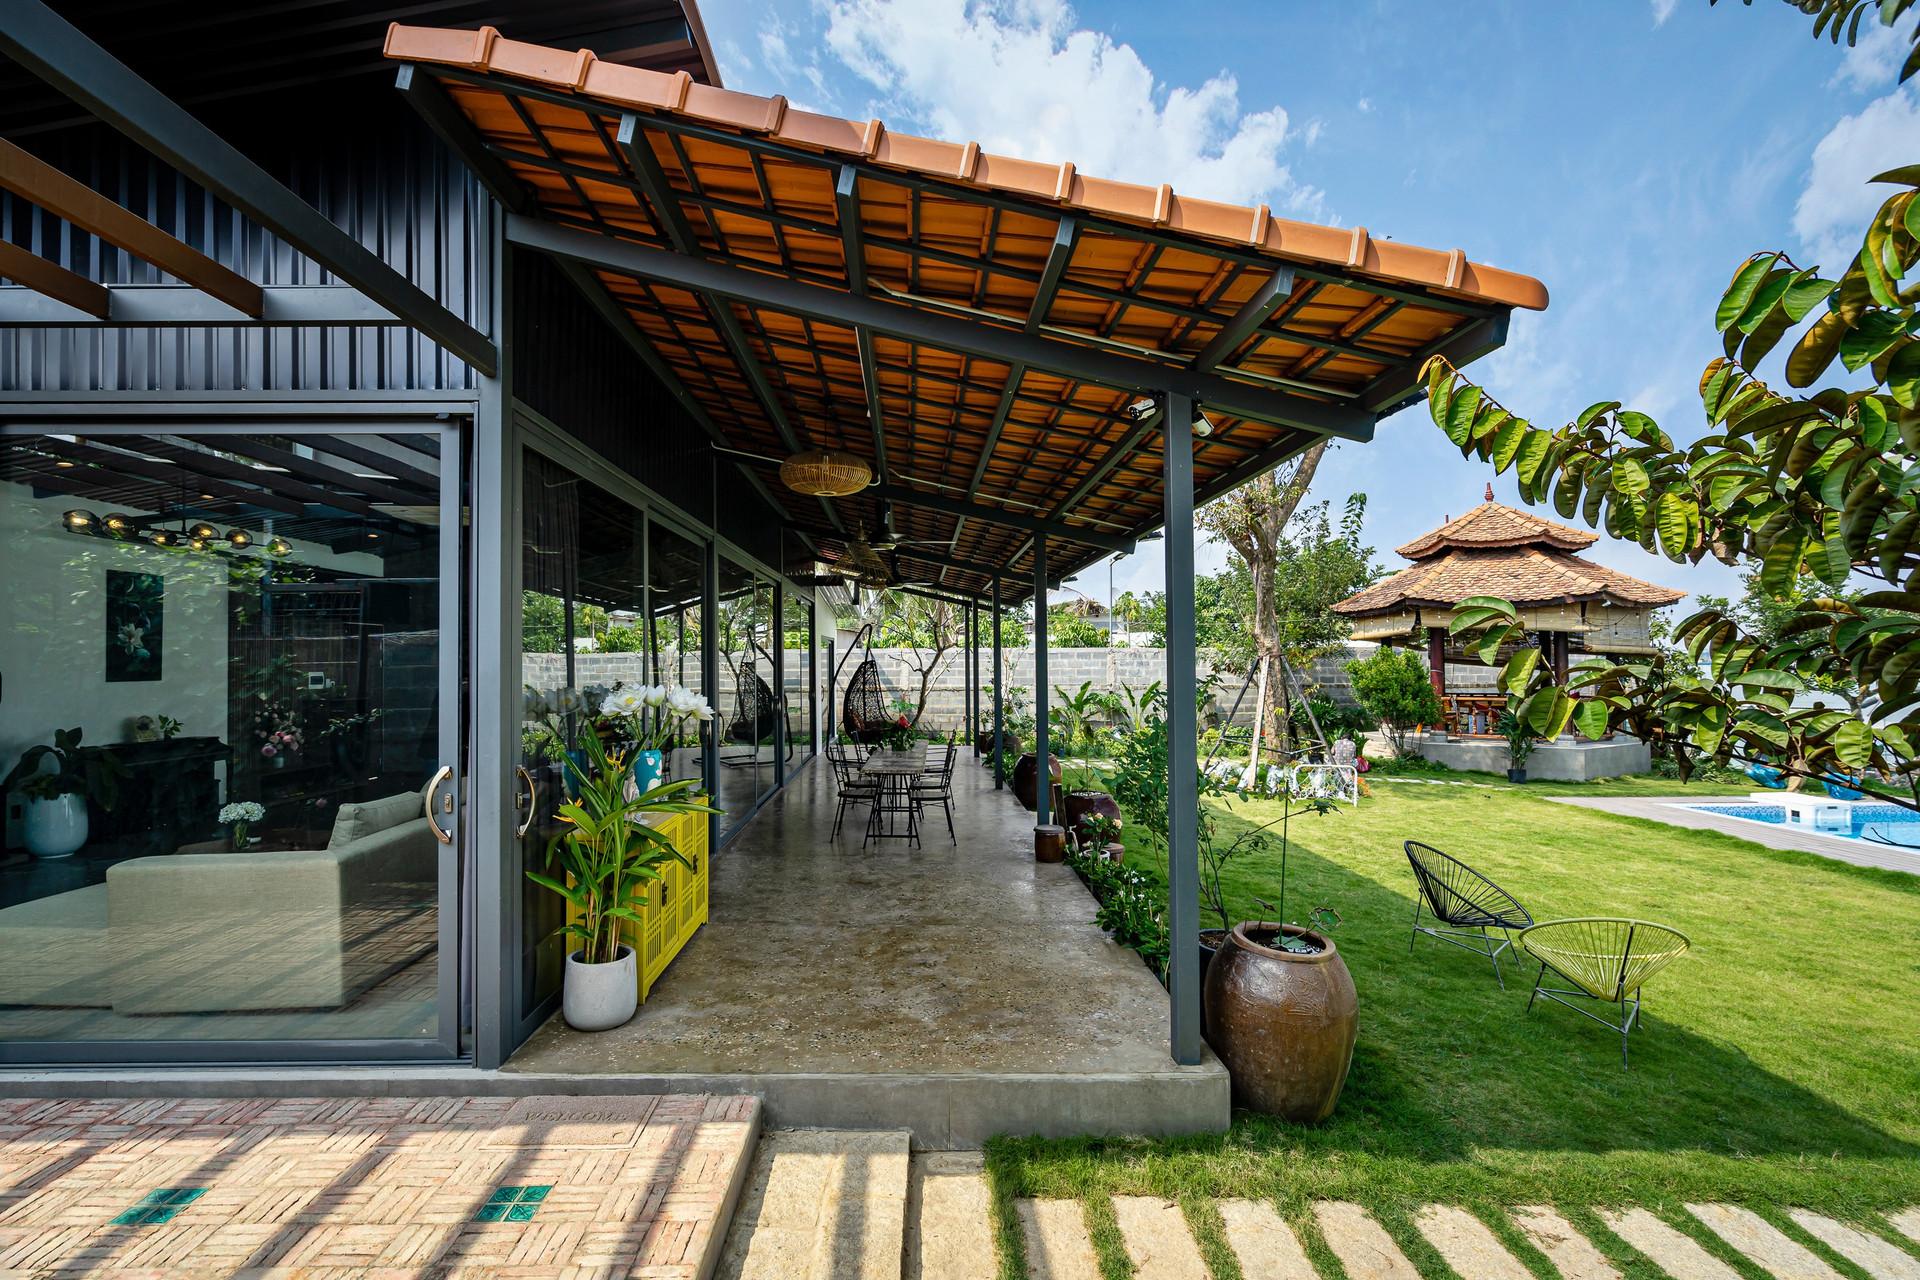 Xây nhà vườn có bể bơi né dịch, chàng trai tự thiết kế rẻ và đẹp lung linh - 7